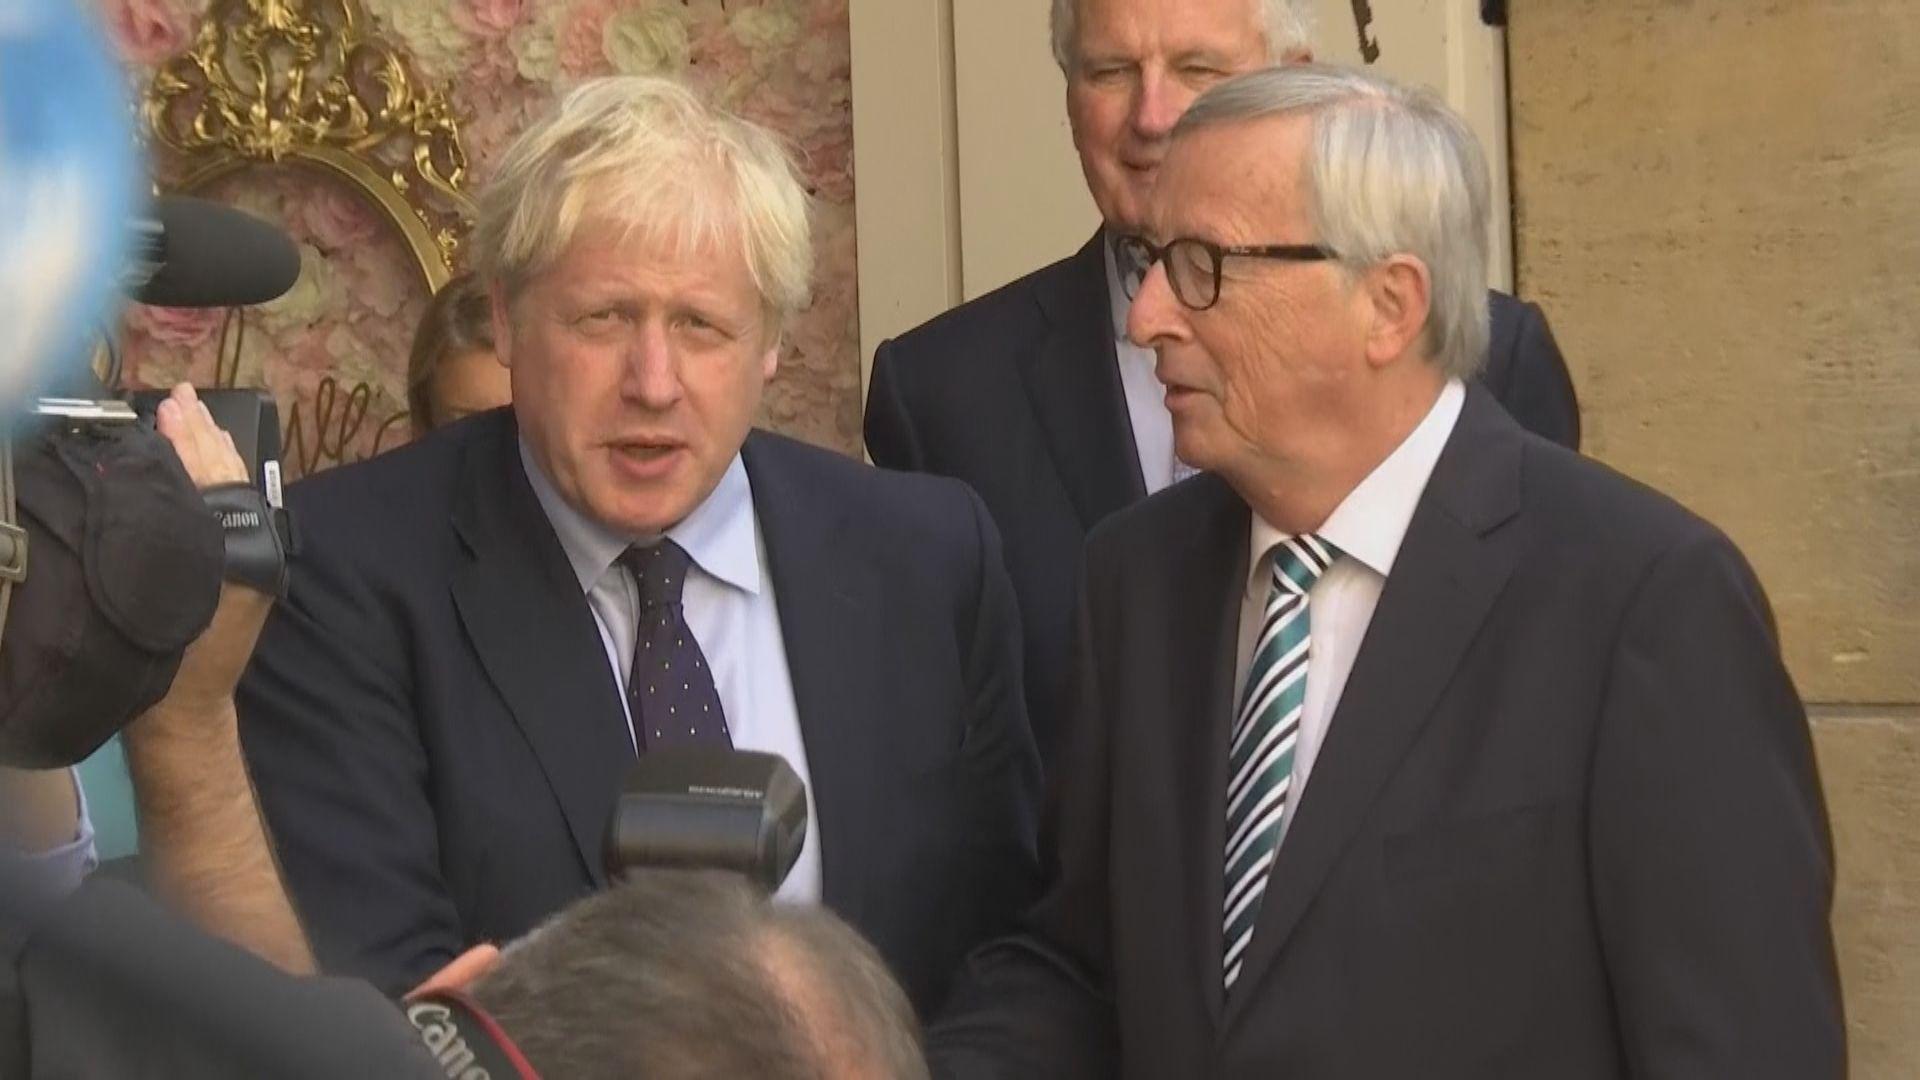 約翰遜與歐委會主席商討化解脫歐僵局